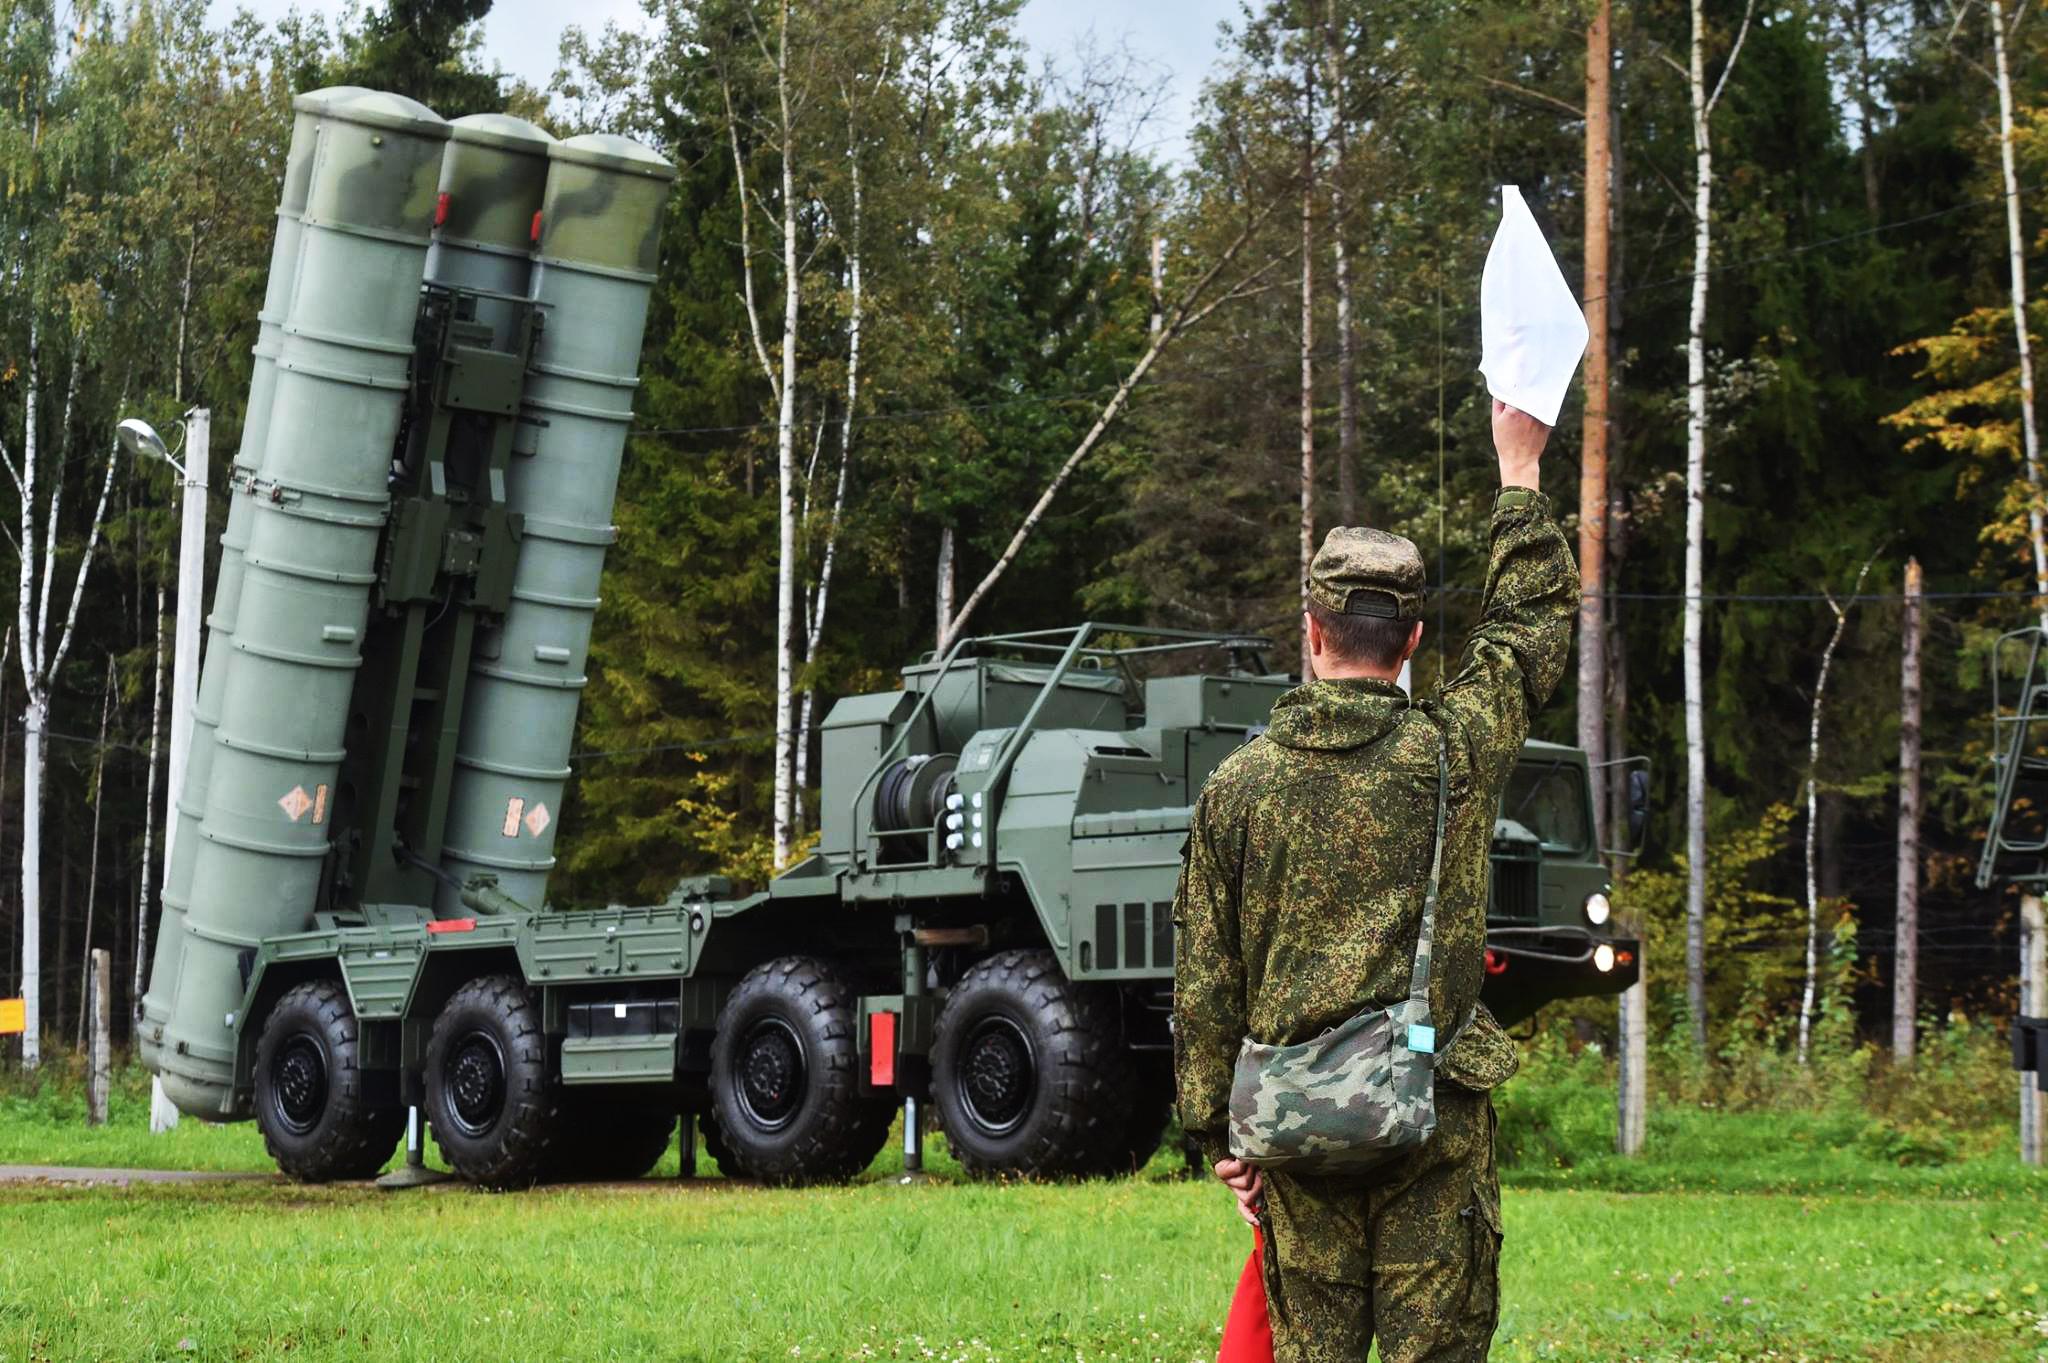 Заявления Москвы о вероятной войне с США - обыкновенные угрозы